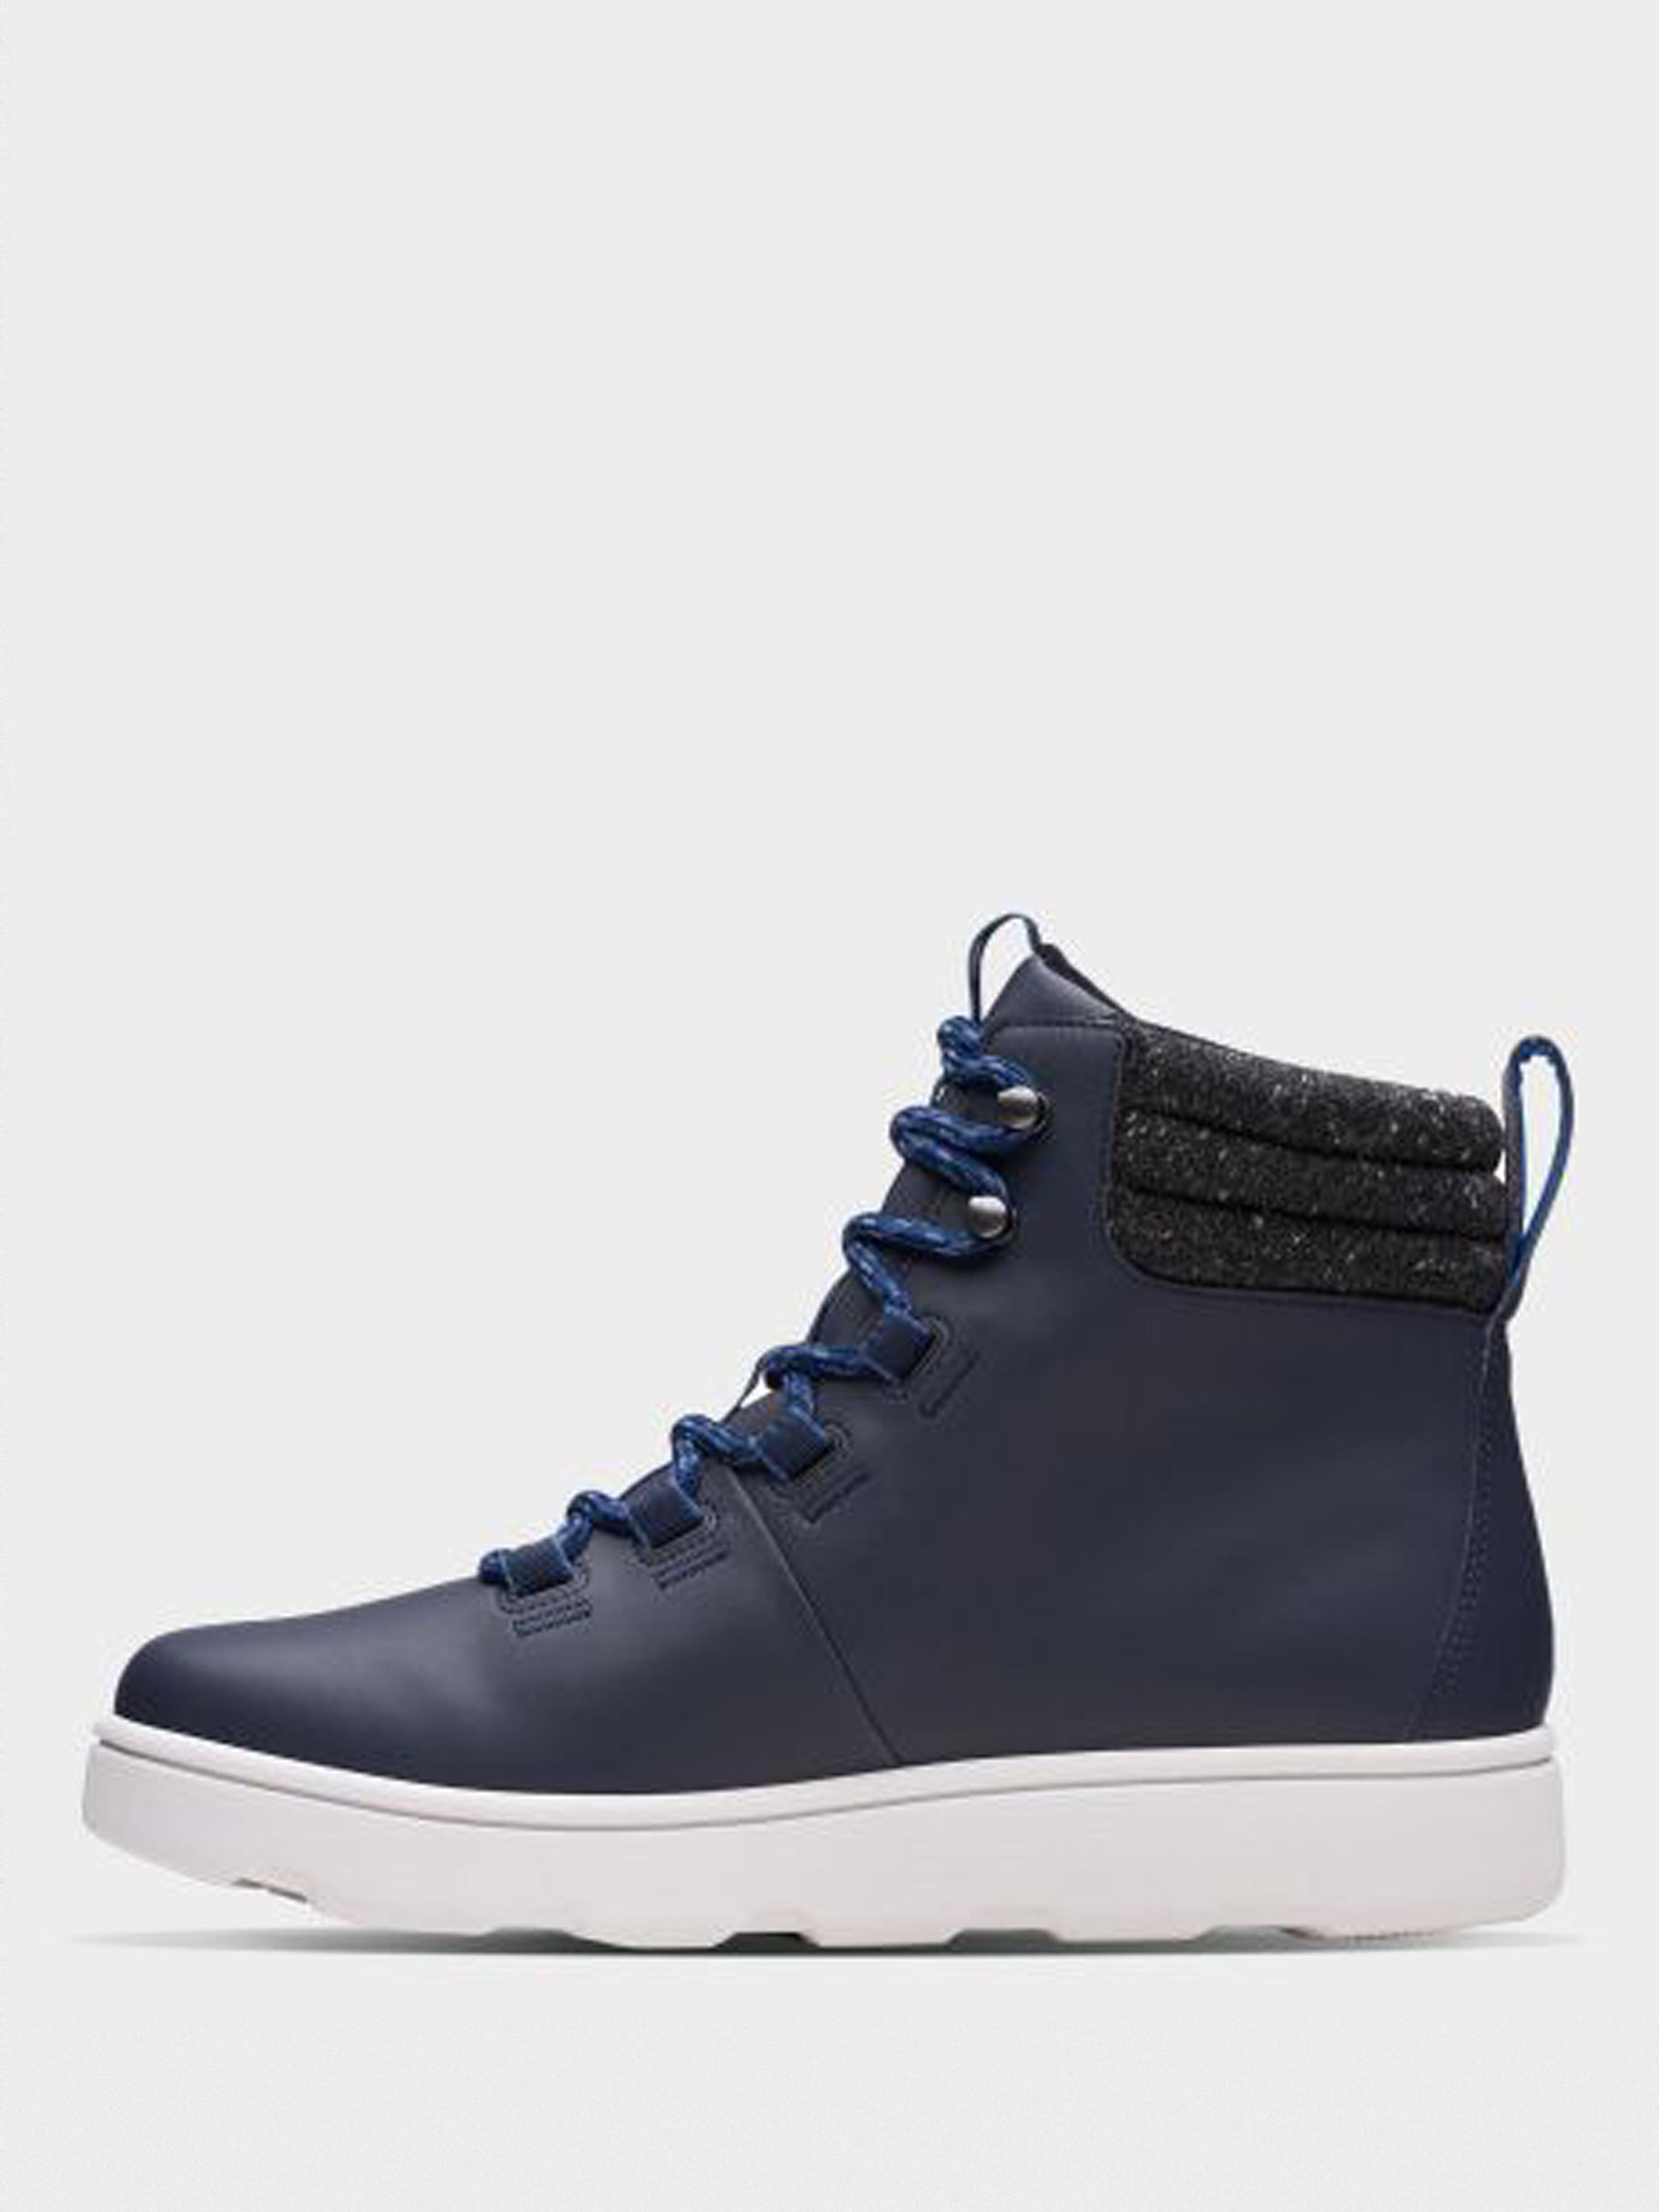 Ботинки для мужчин Clarks Step Explor Hi OM3076 купить в Интертоп, 2017